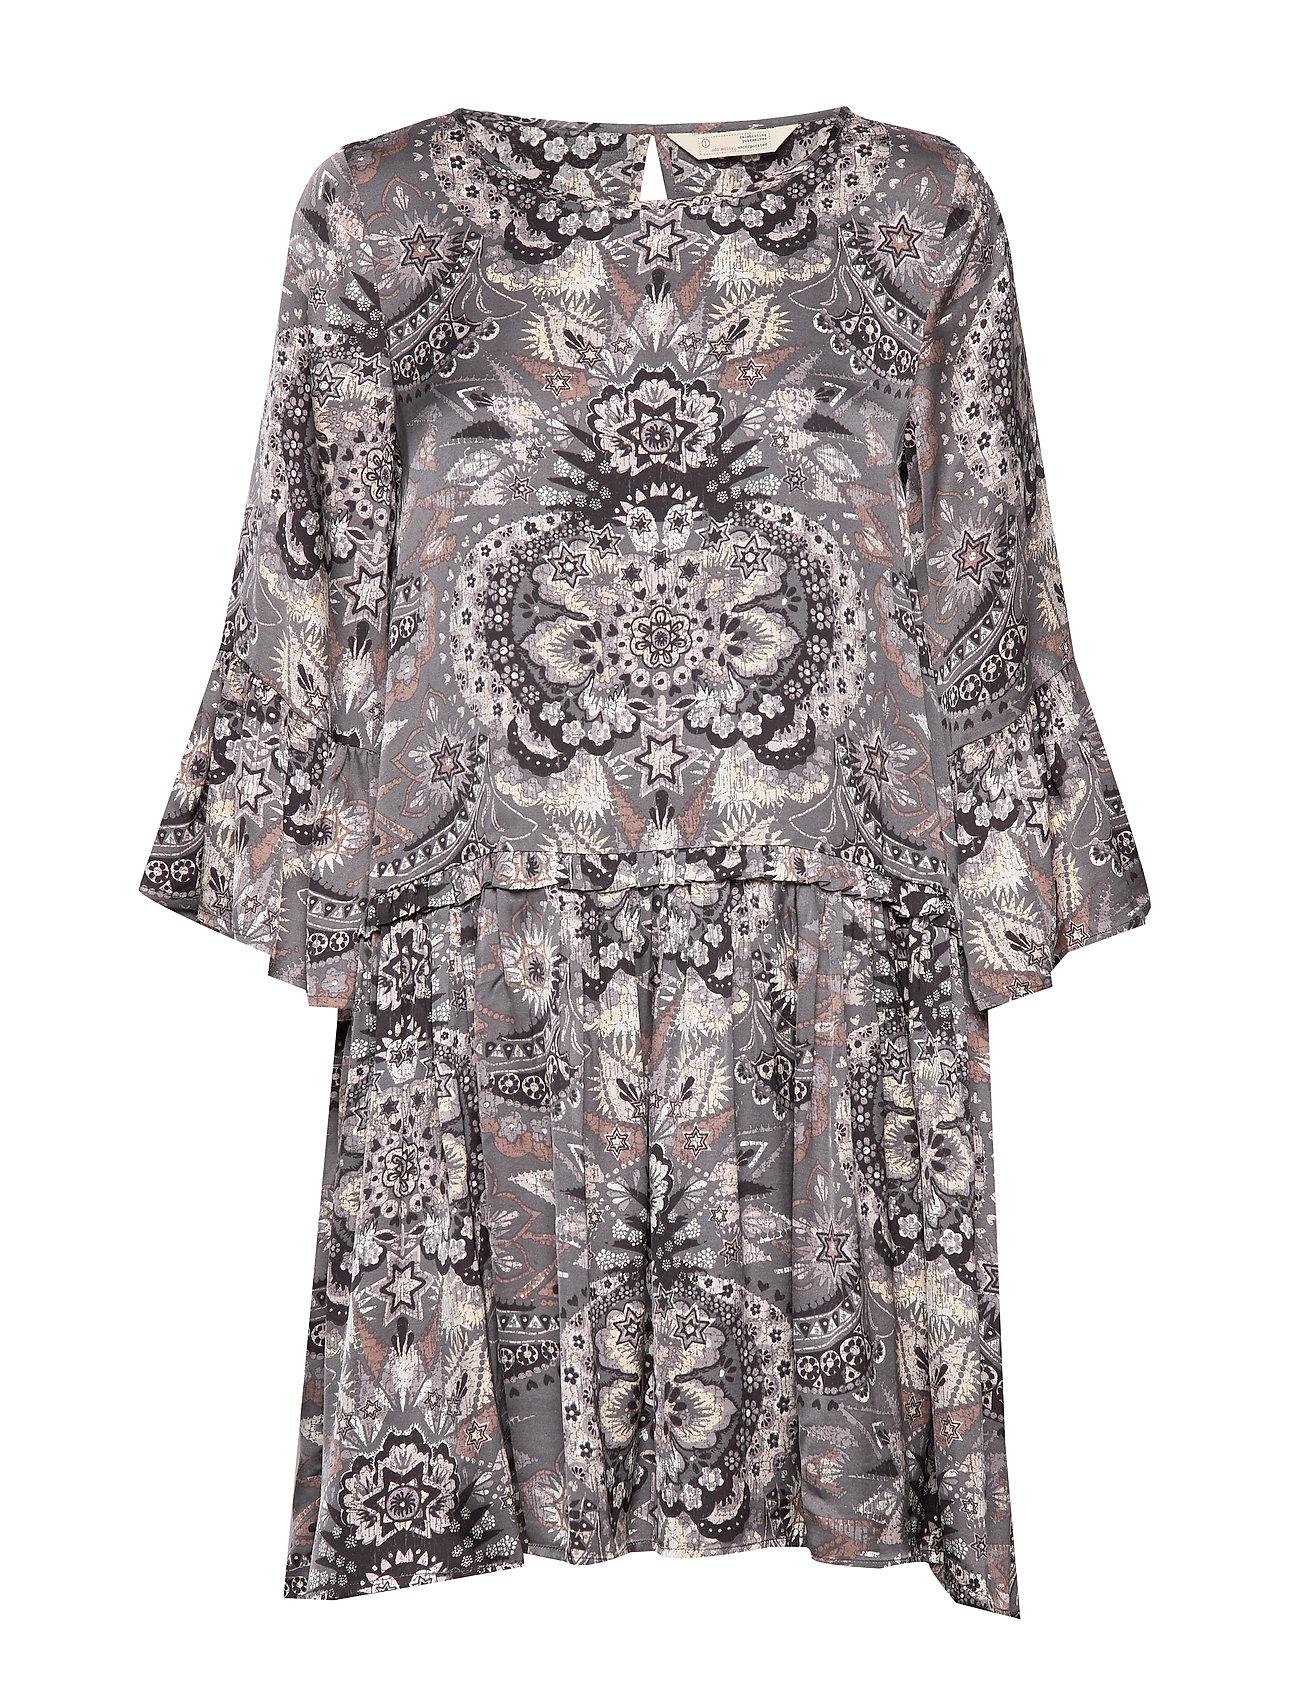 ODD MOLLY Head Turner Dress - ASPHALT